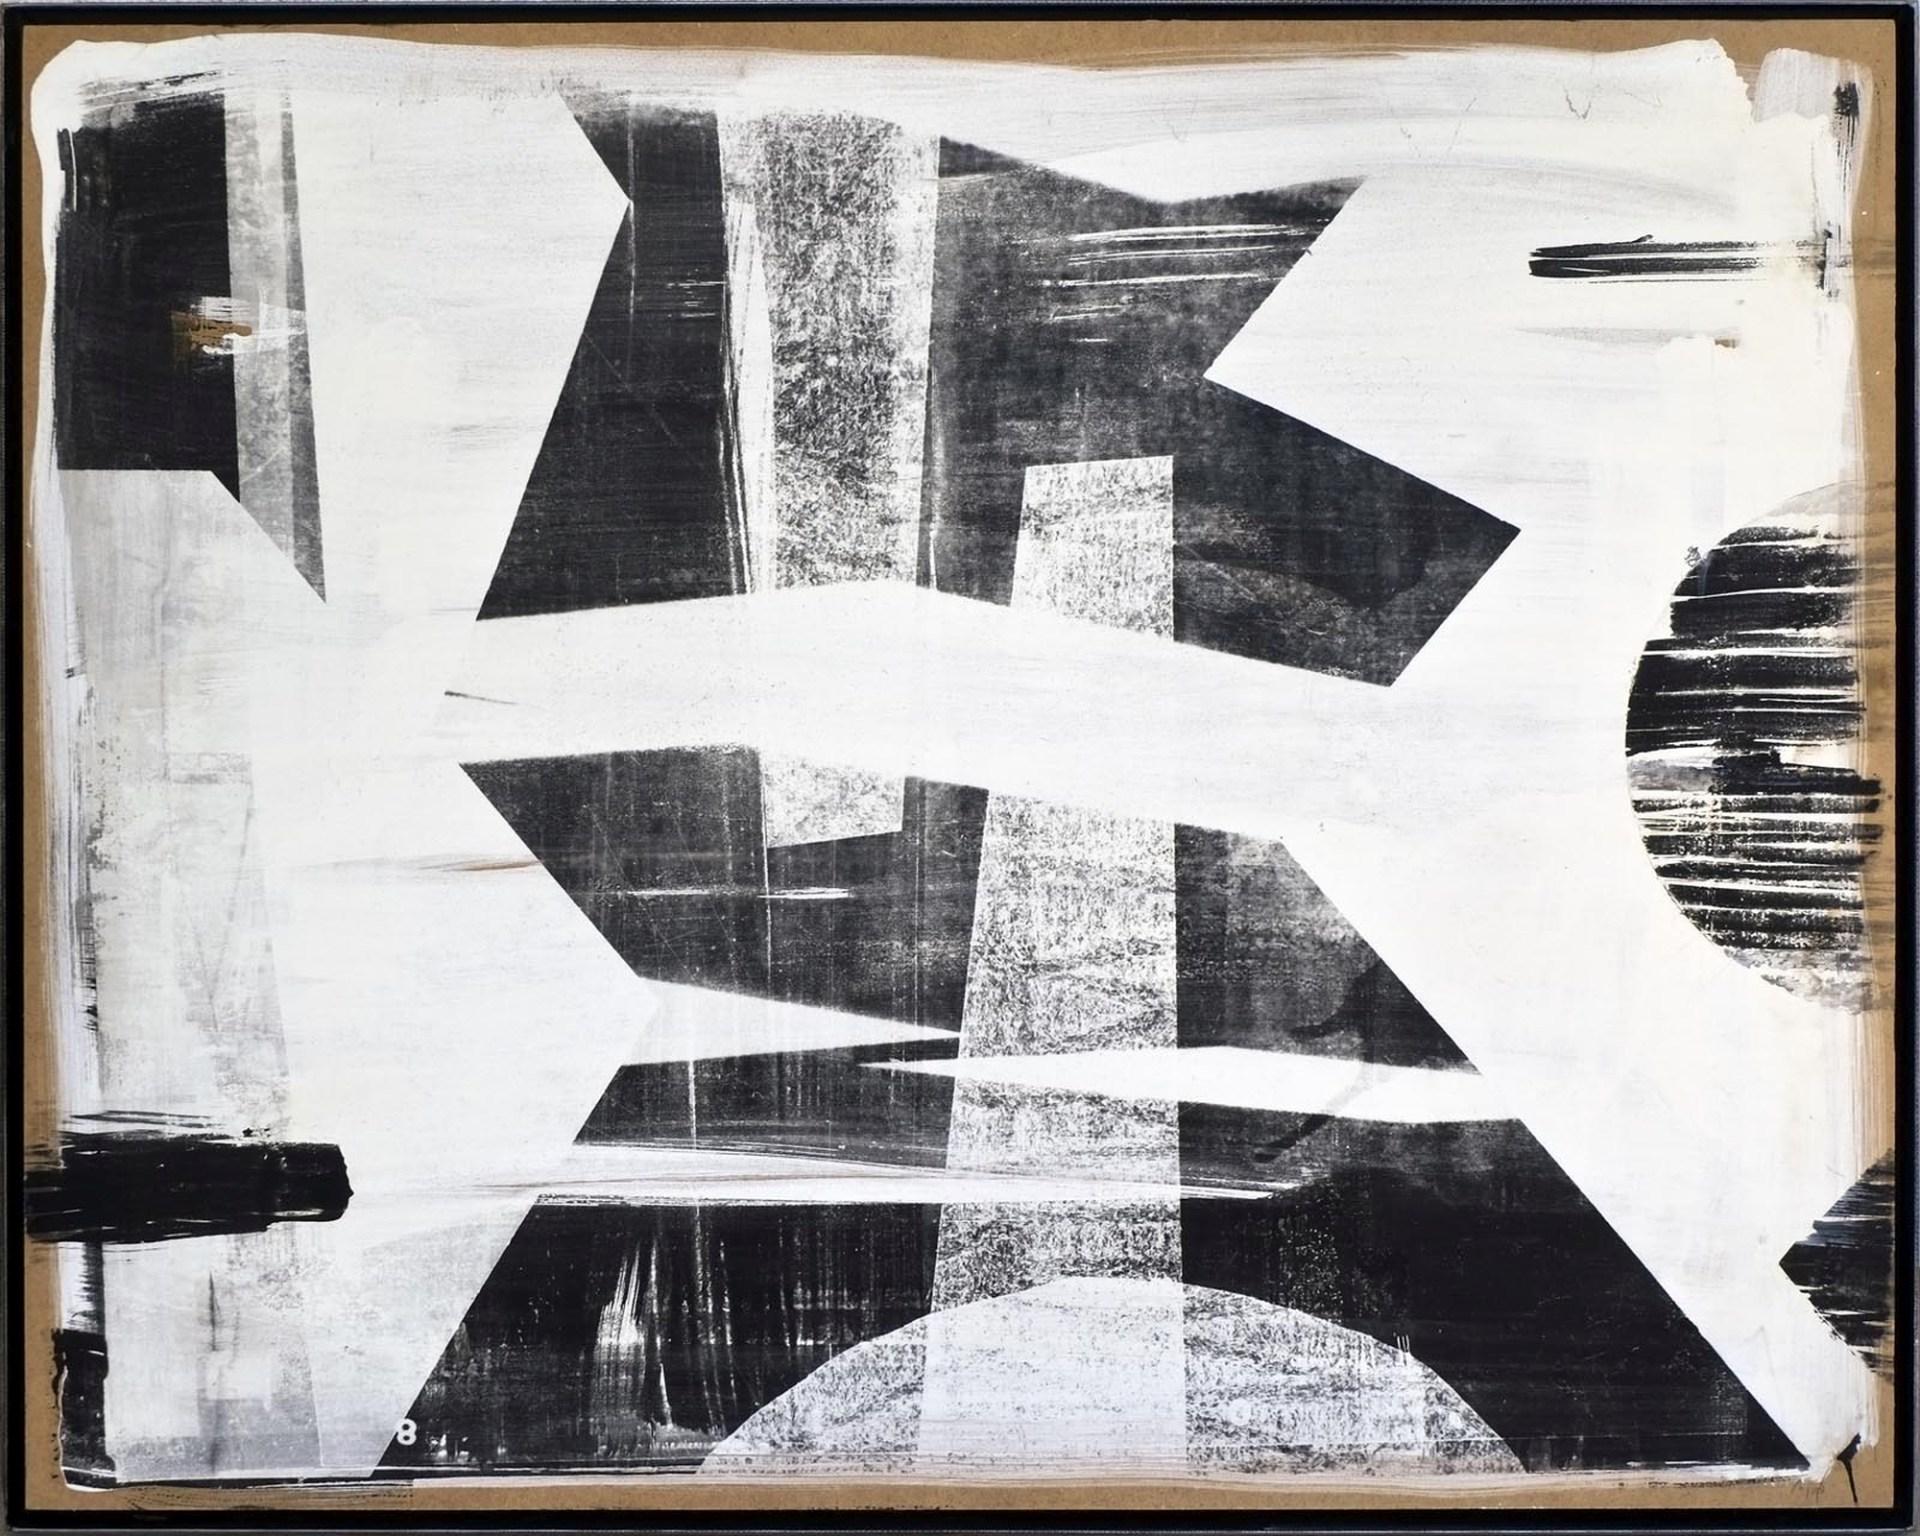 Minyó Szert Károly: 7layer-20, 2018, 80x100 cm, analóg fotogram, ezüstbromidzselatin, falemez © Minyó Szert Károly